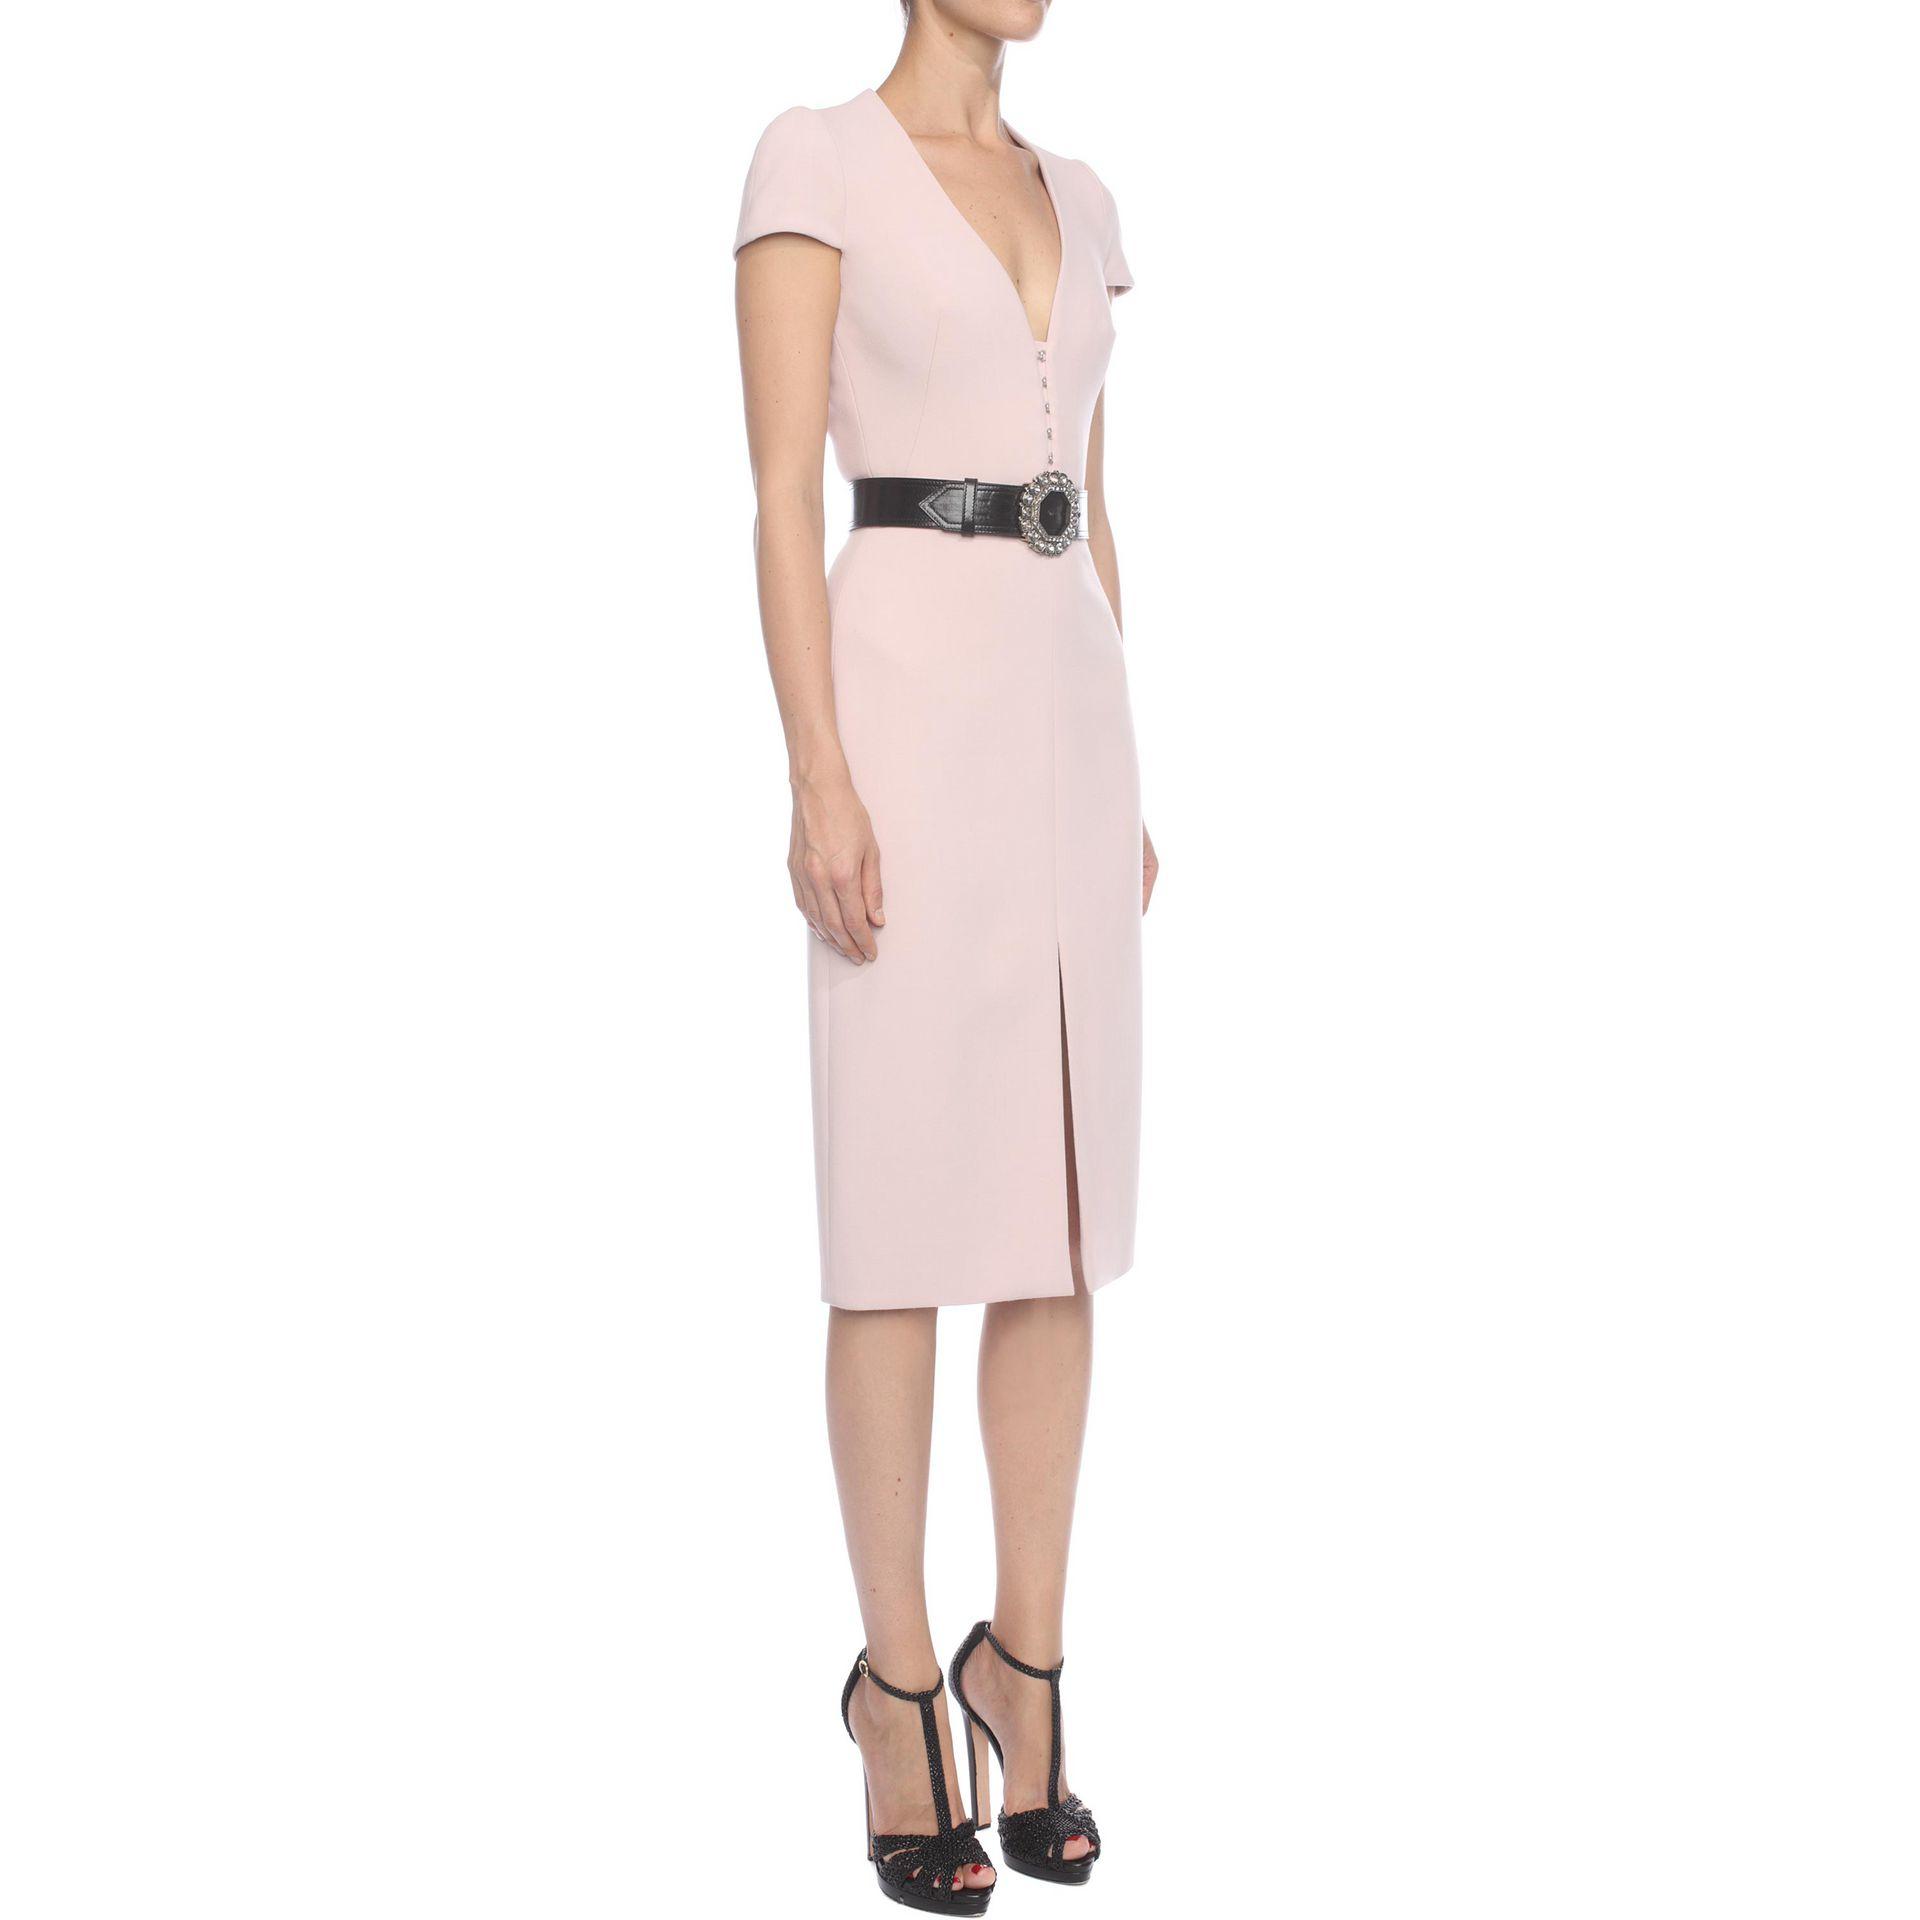 b50e5d509b3 Lyst - Alexander McQueen Hook Detail Pencil Dress in Pink